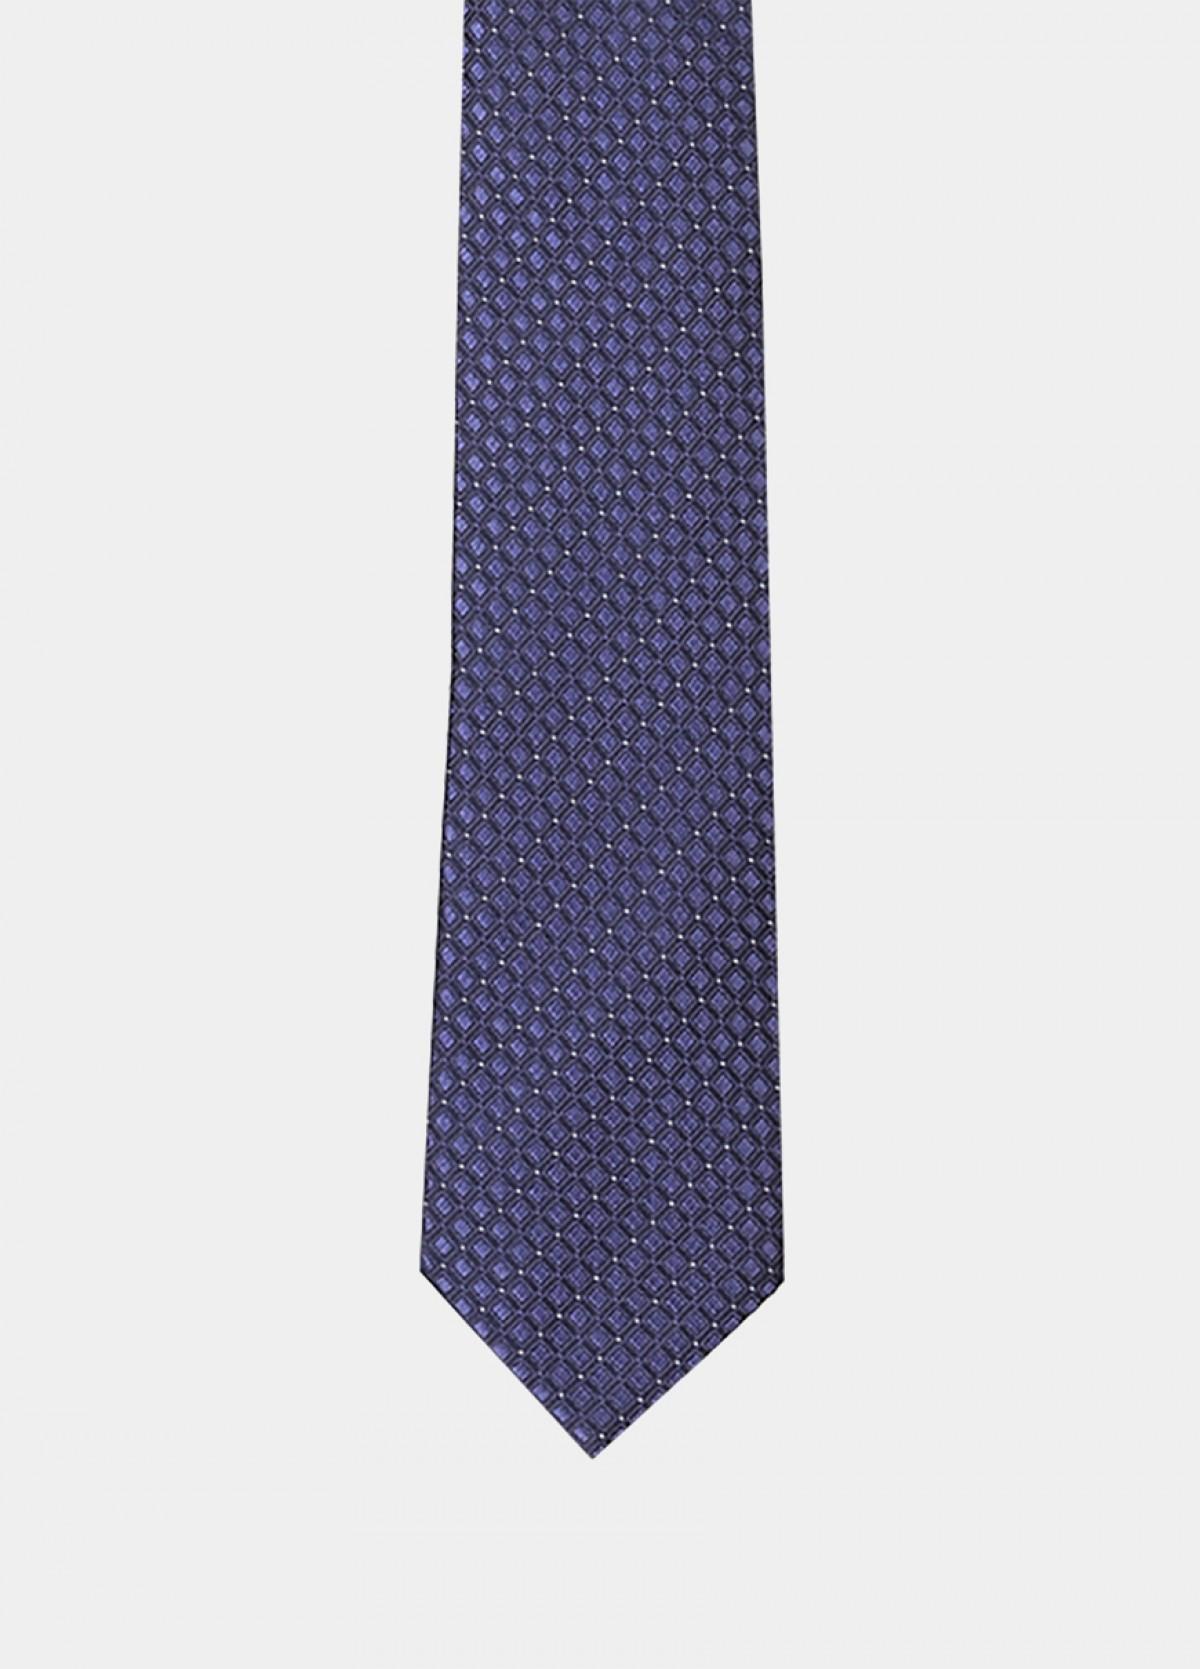 The Blue Navy Silk Tie